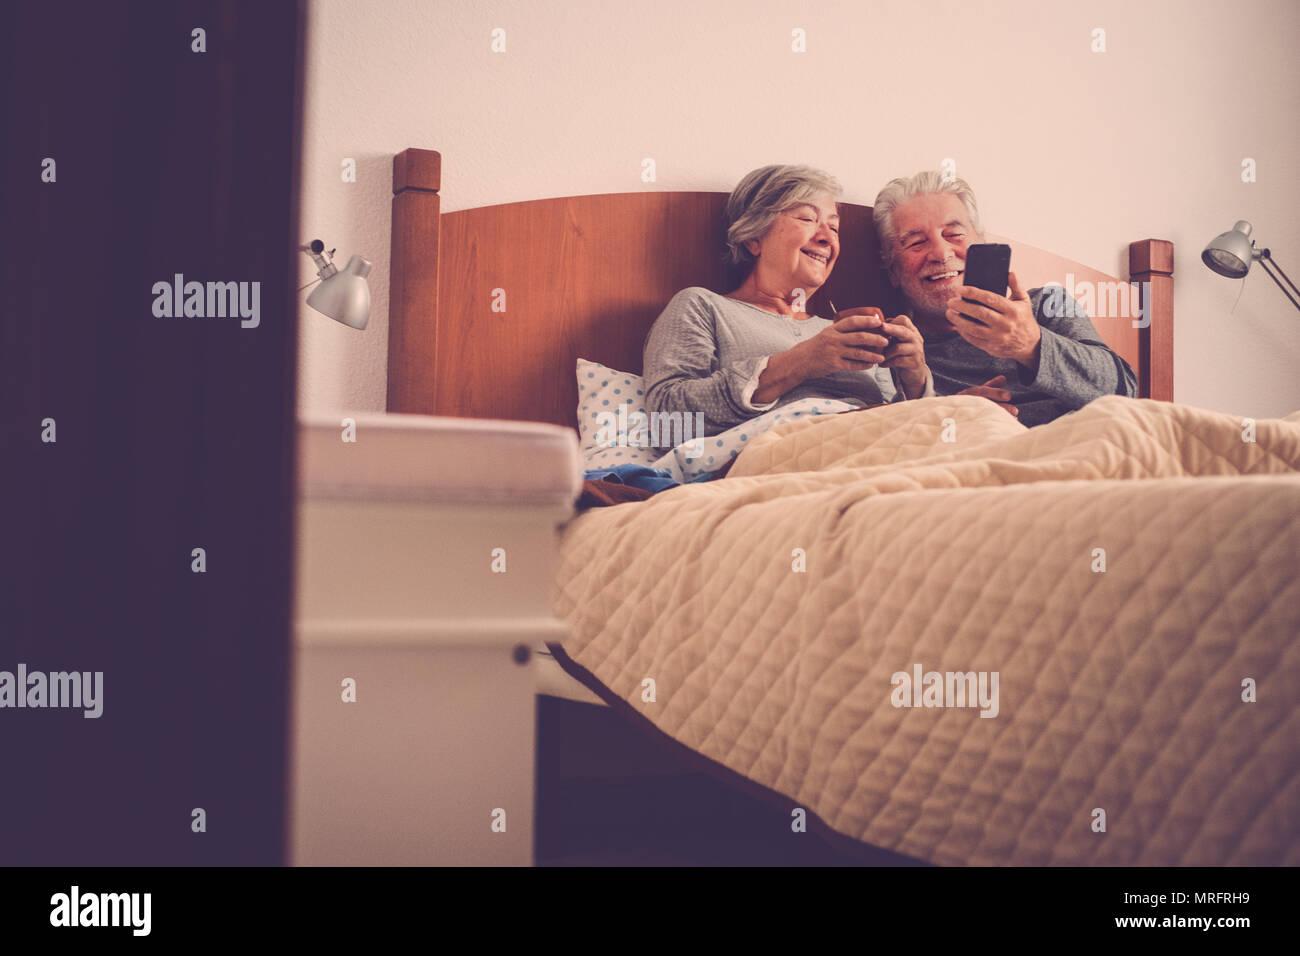 Preciosas modelos par de adult senior con más de 70 años de antigüedad, divertirse y disfrutar en la cama, en su casa de habitación. mañana perezoso despertar sin prisas comprobación e Imagen De Stock